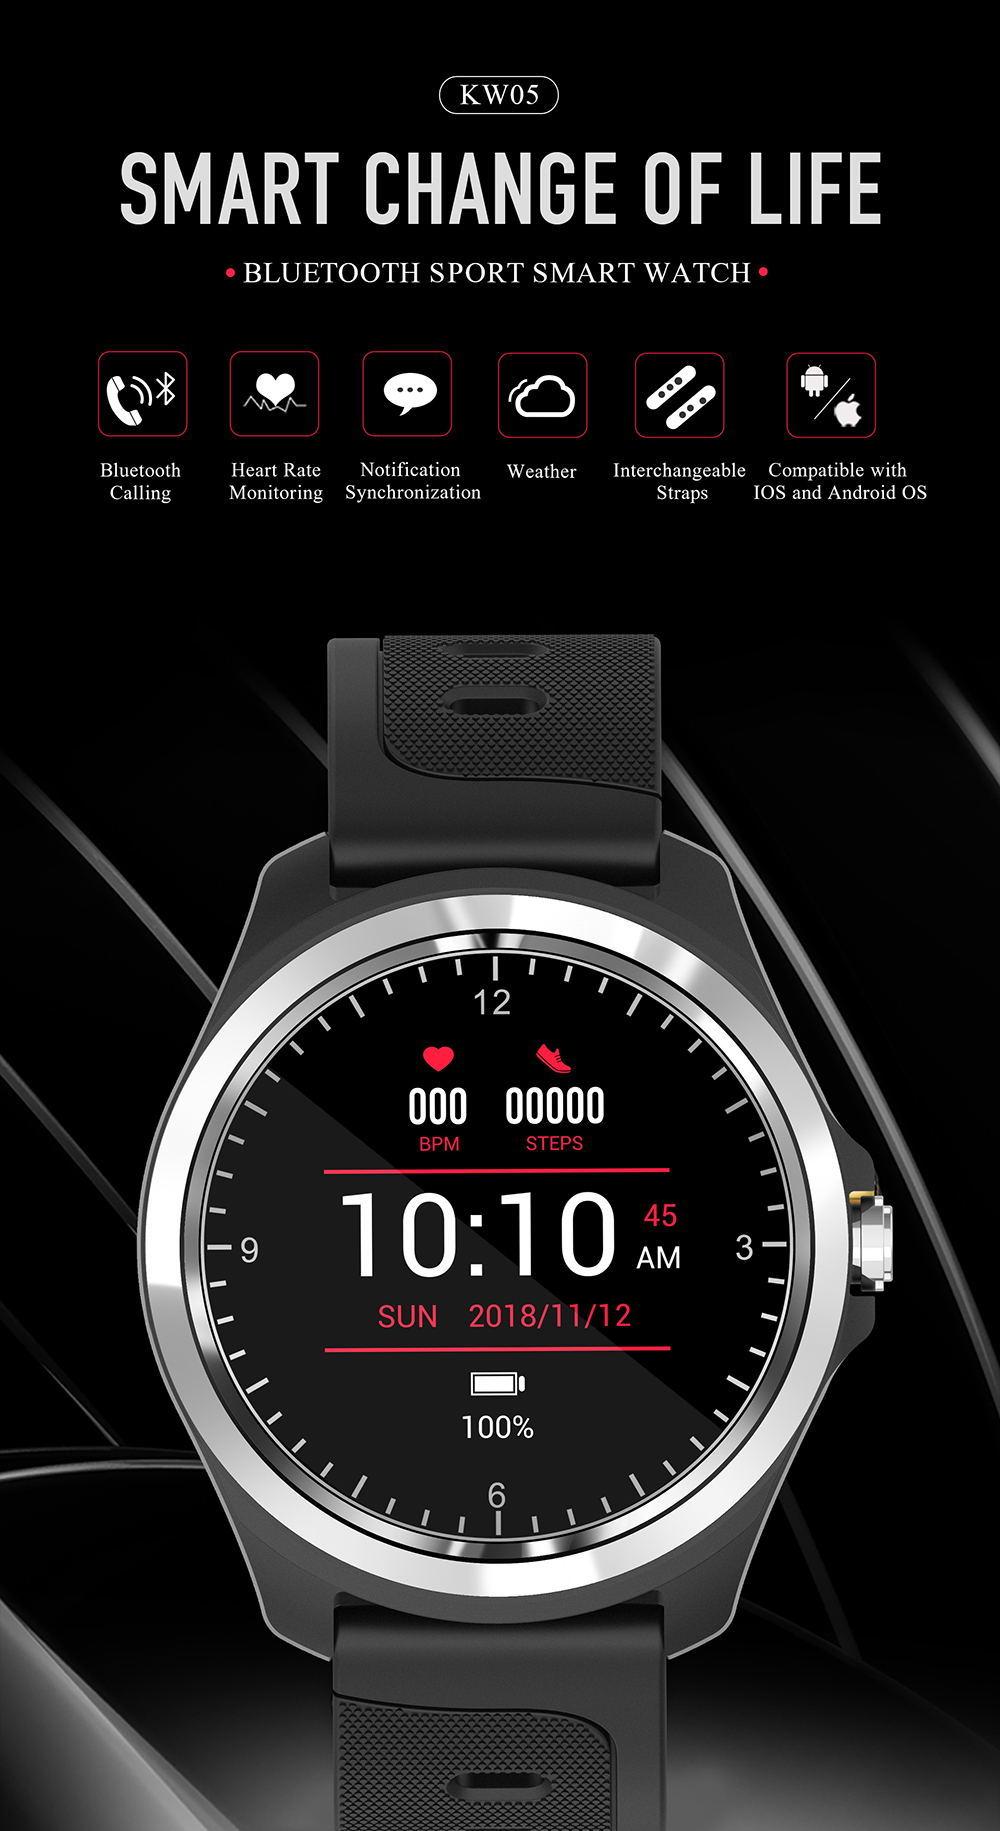 kingwear kw05 smartwatch